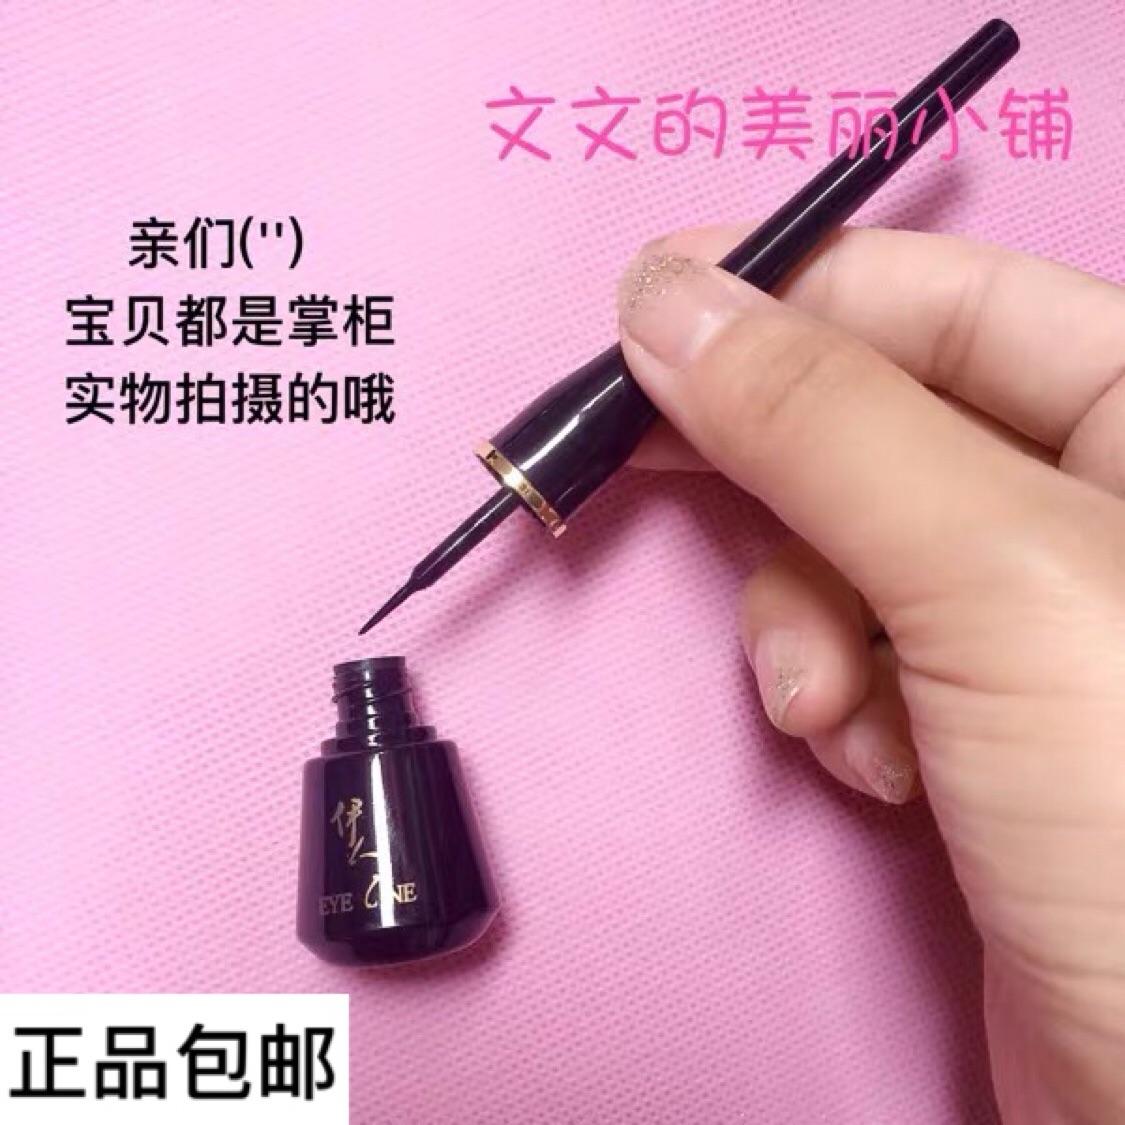 彩妆正品伊人眼线液笔好用速干棕色咖彩色防汗不脱妆不晕上班包邮